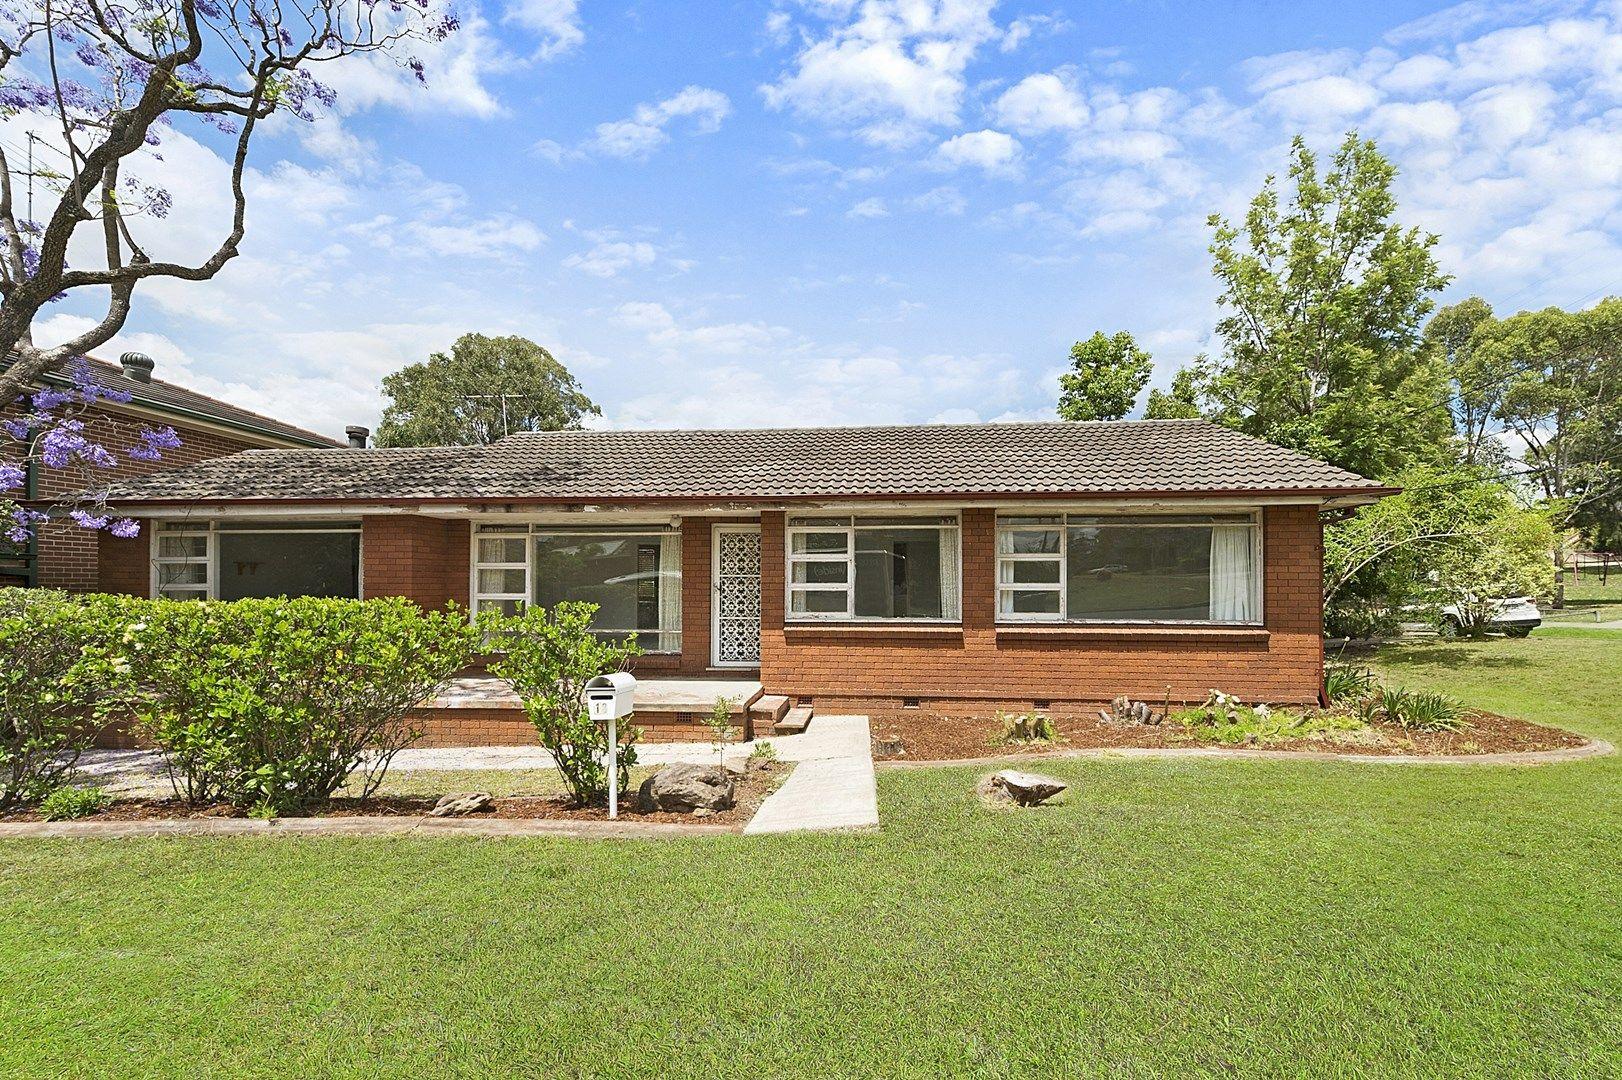 18 Maunder Ave, Girraween NSW 2145, Image 0